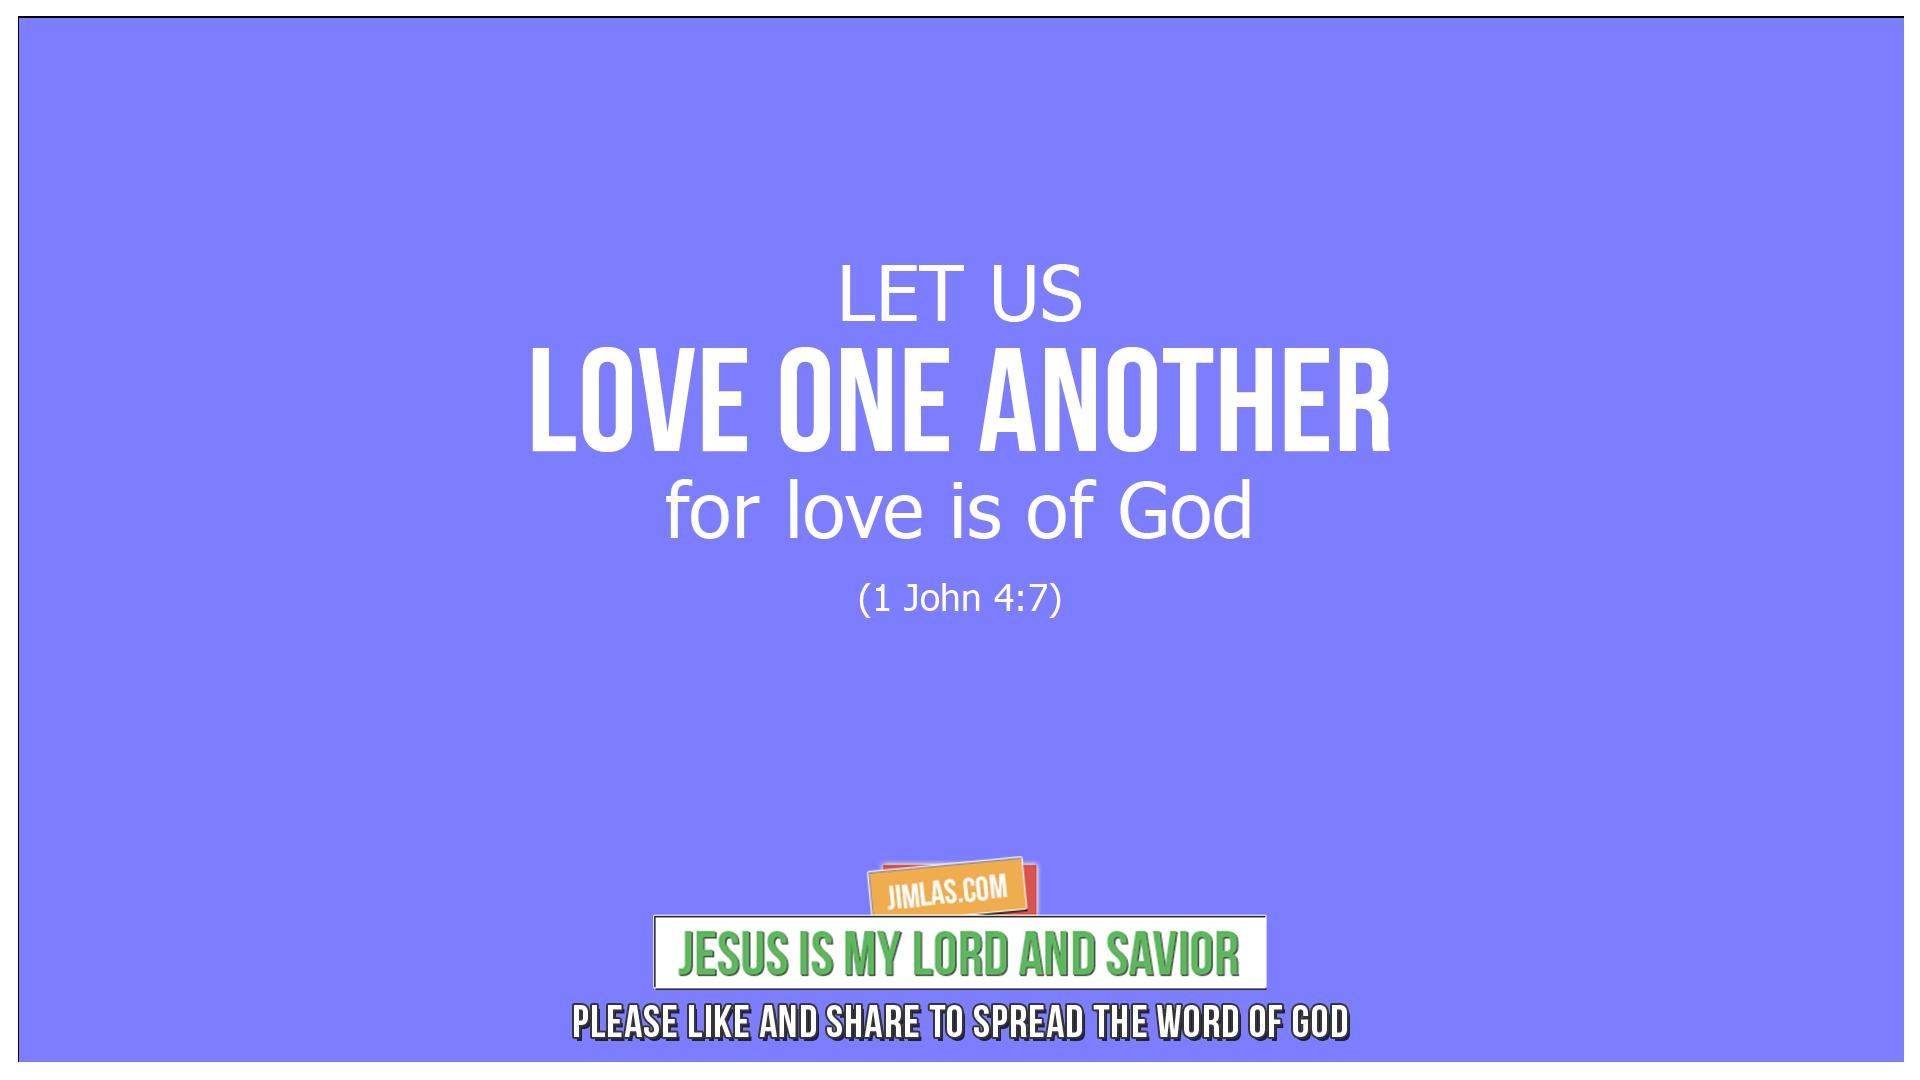 1 john 4 7, 1 John 4:7